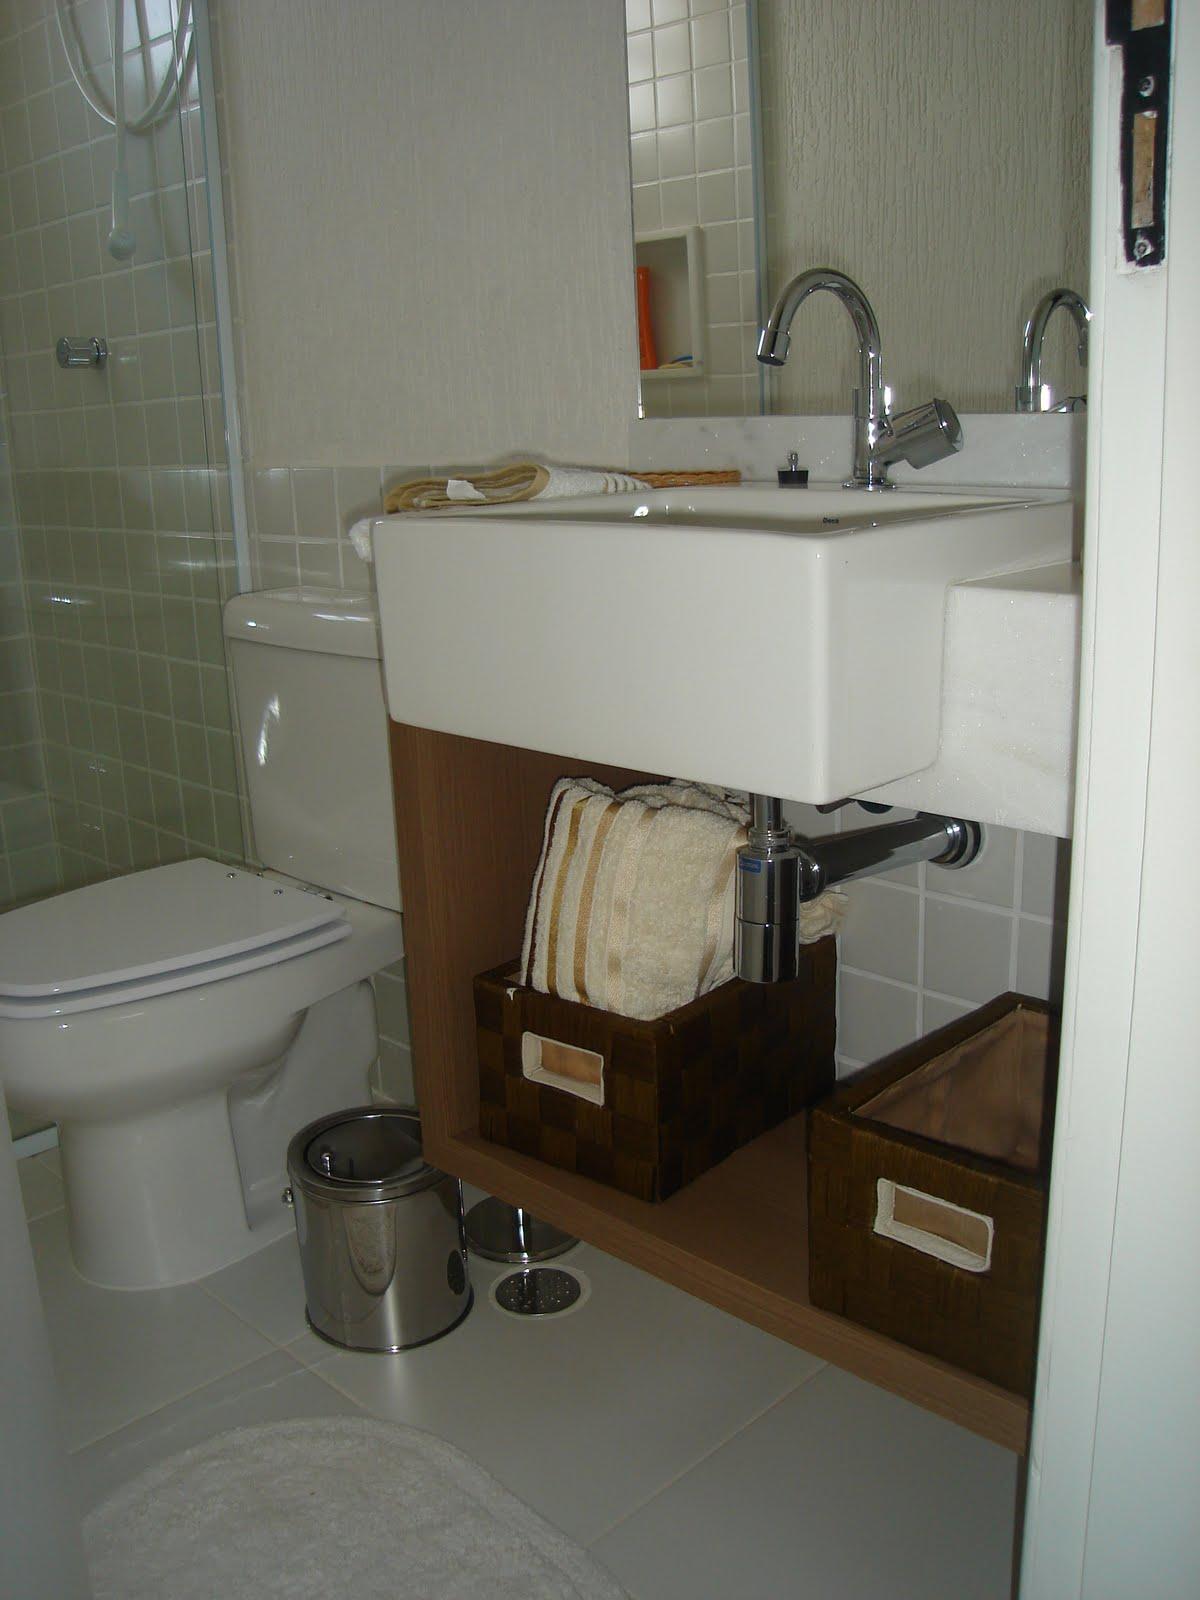 #5E4C36 Banheiros: bonitos e econômicos 1200x1600 px Banheiros Bonitos Fotos 1519